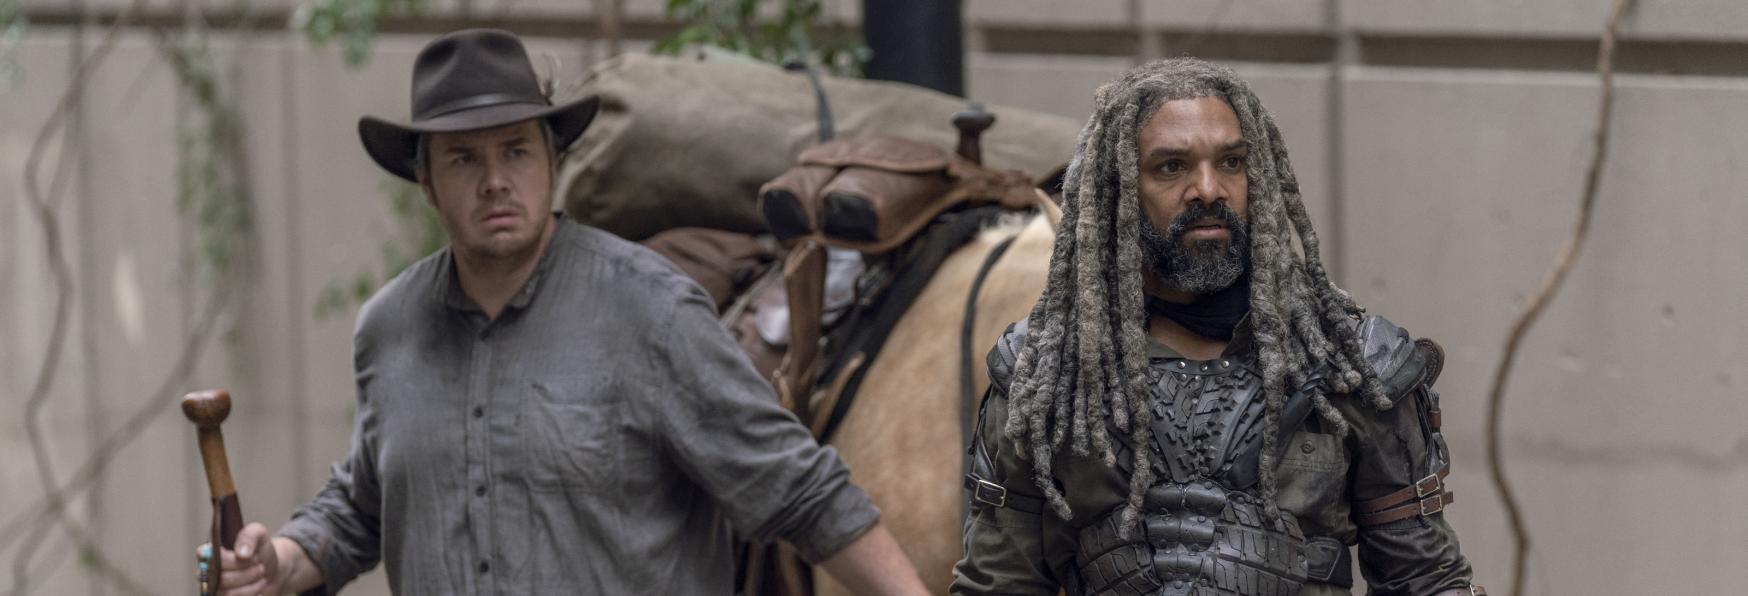 The Walking Dead 11: alcune Anticipazioni sul Futuro dei Personaggi